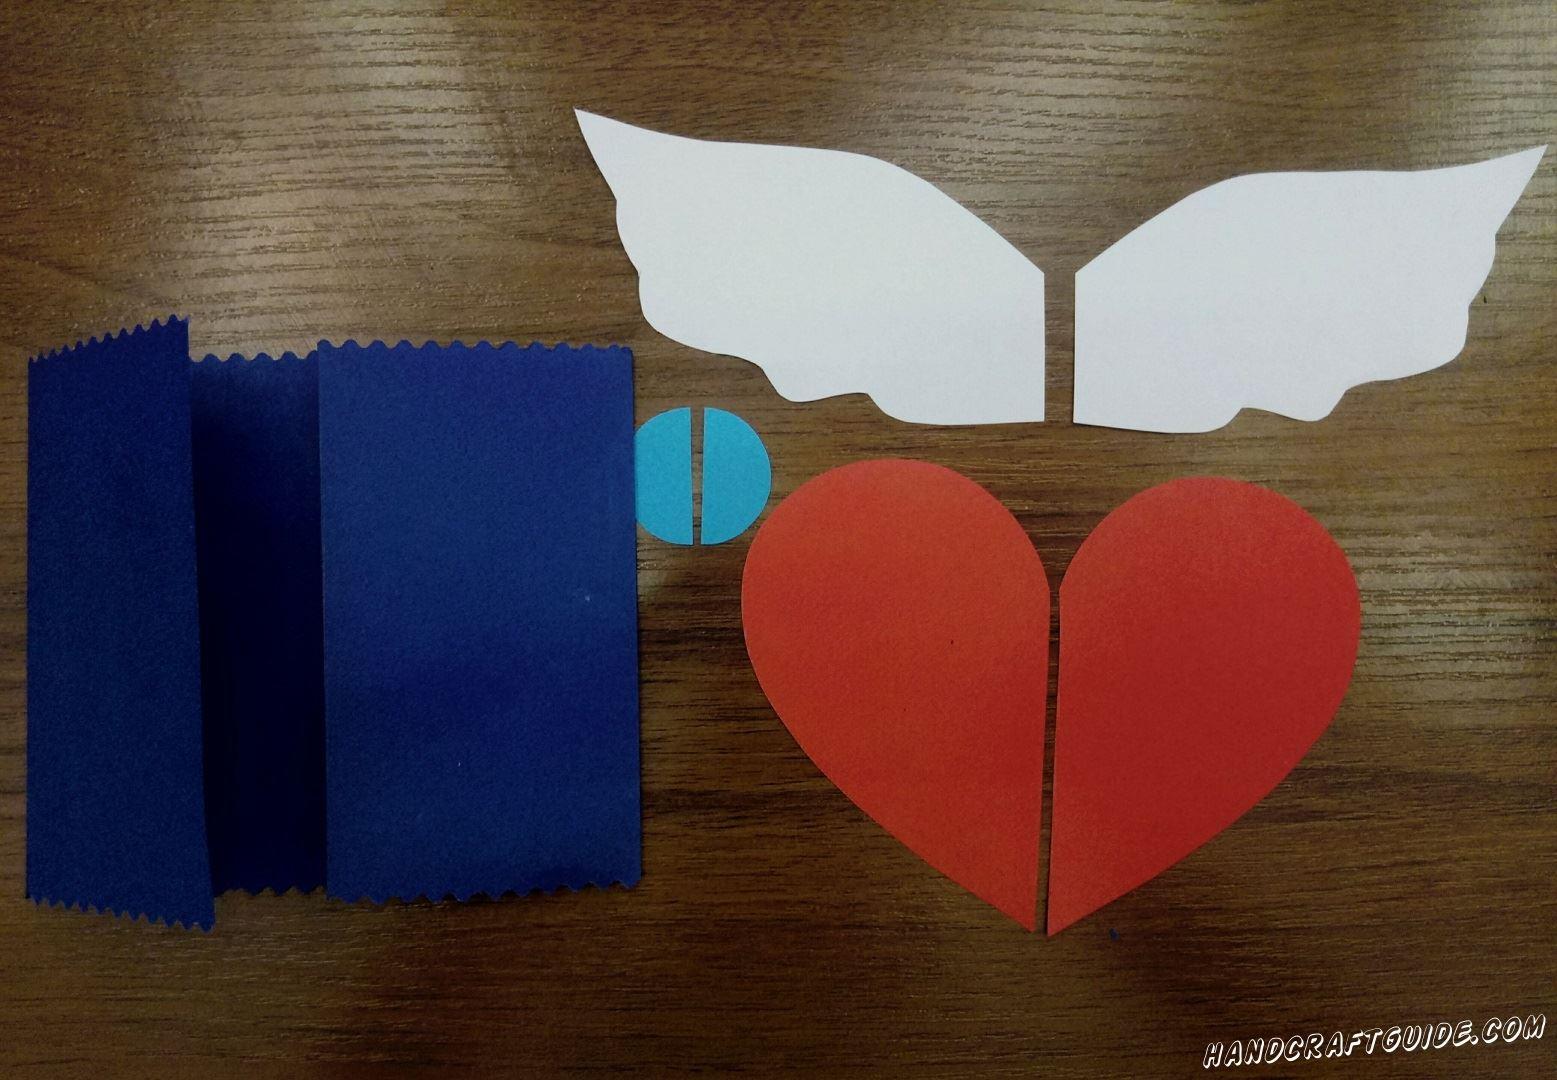 С помощью фигурных ножниц , придаем красивый вид по краям синего прямоугольника. Затем сгибаем его с двух сторон, чтоб их края сходились в центре